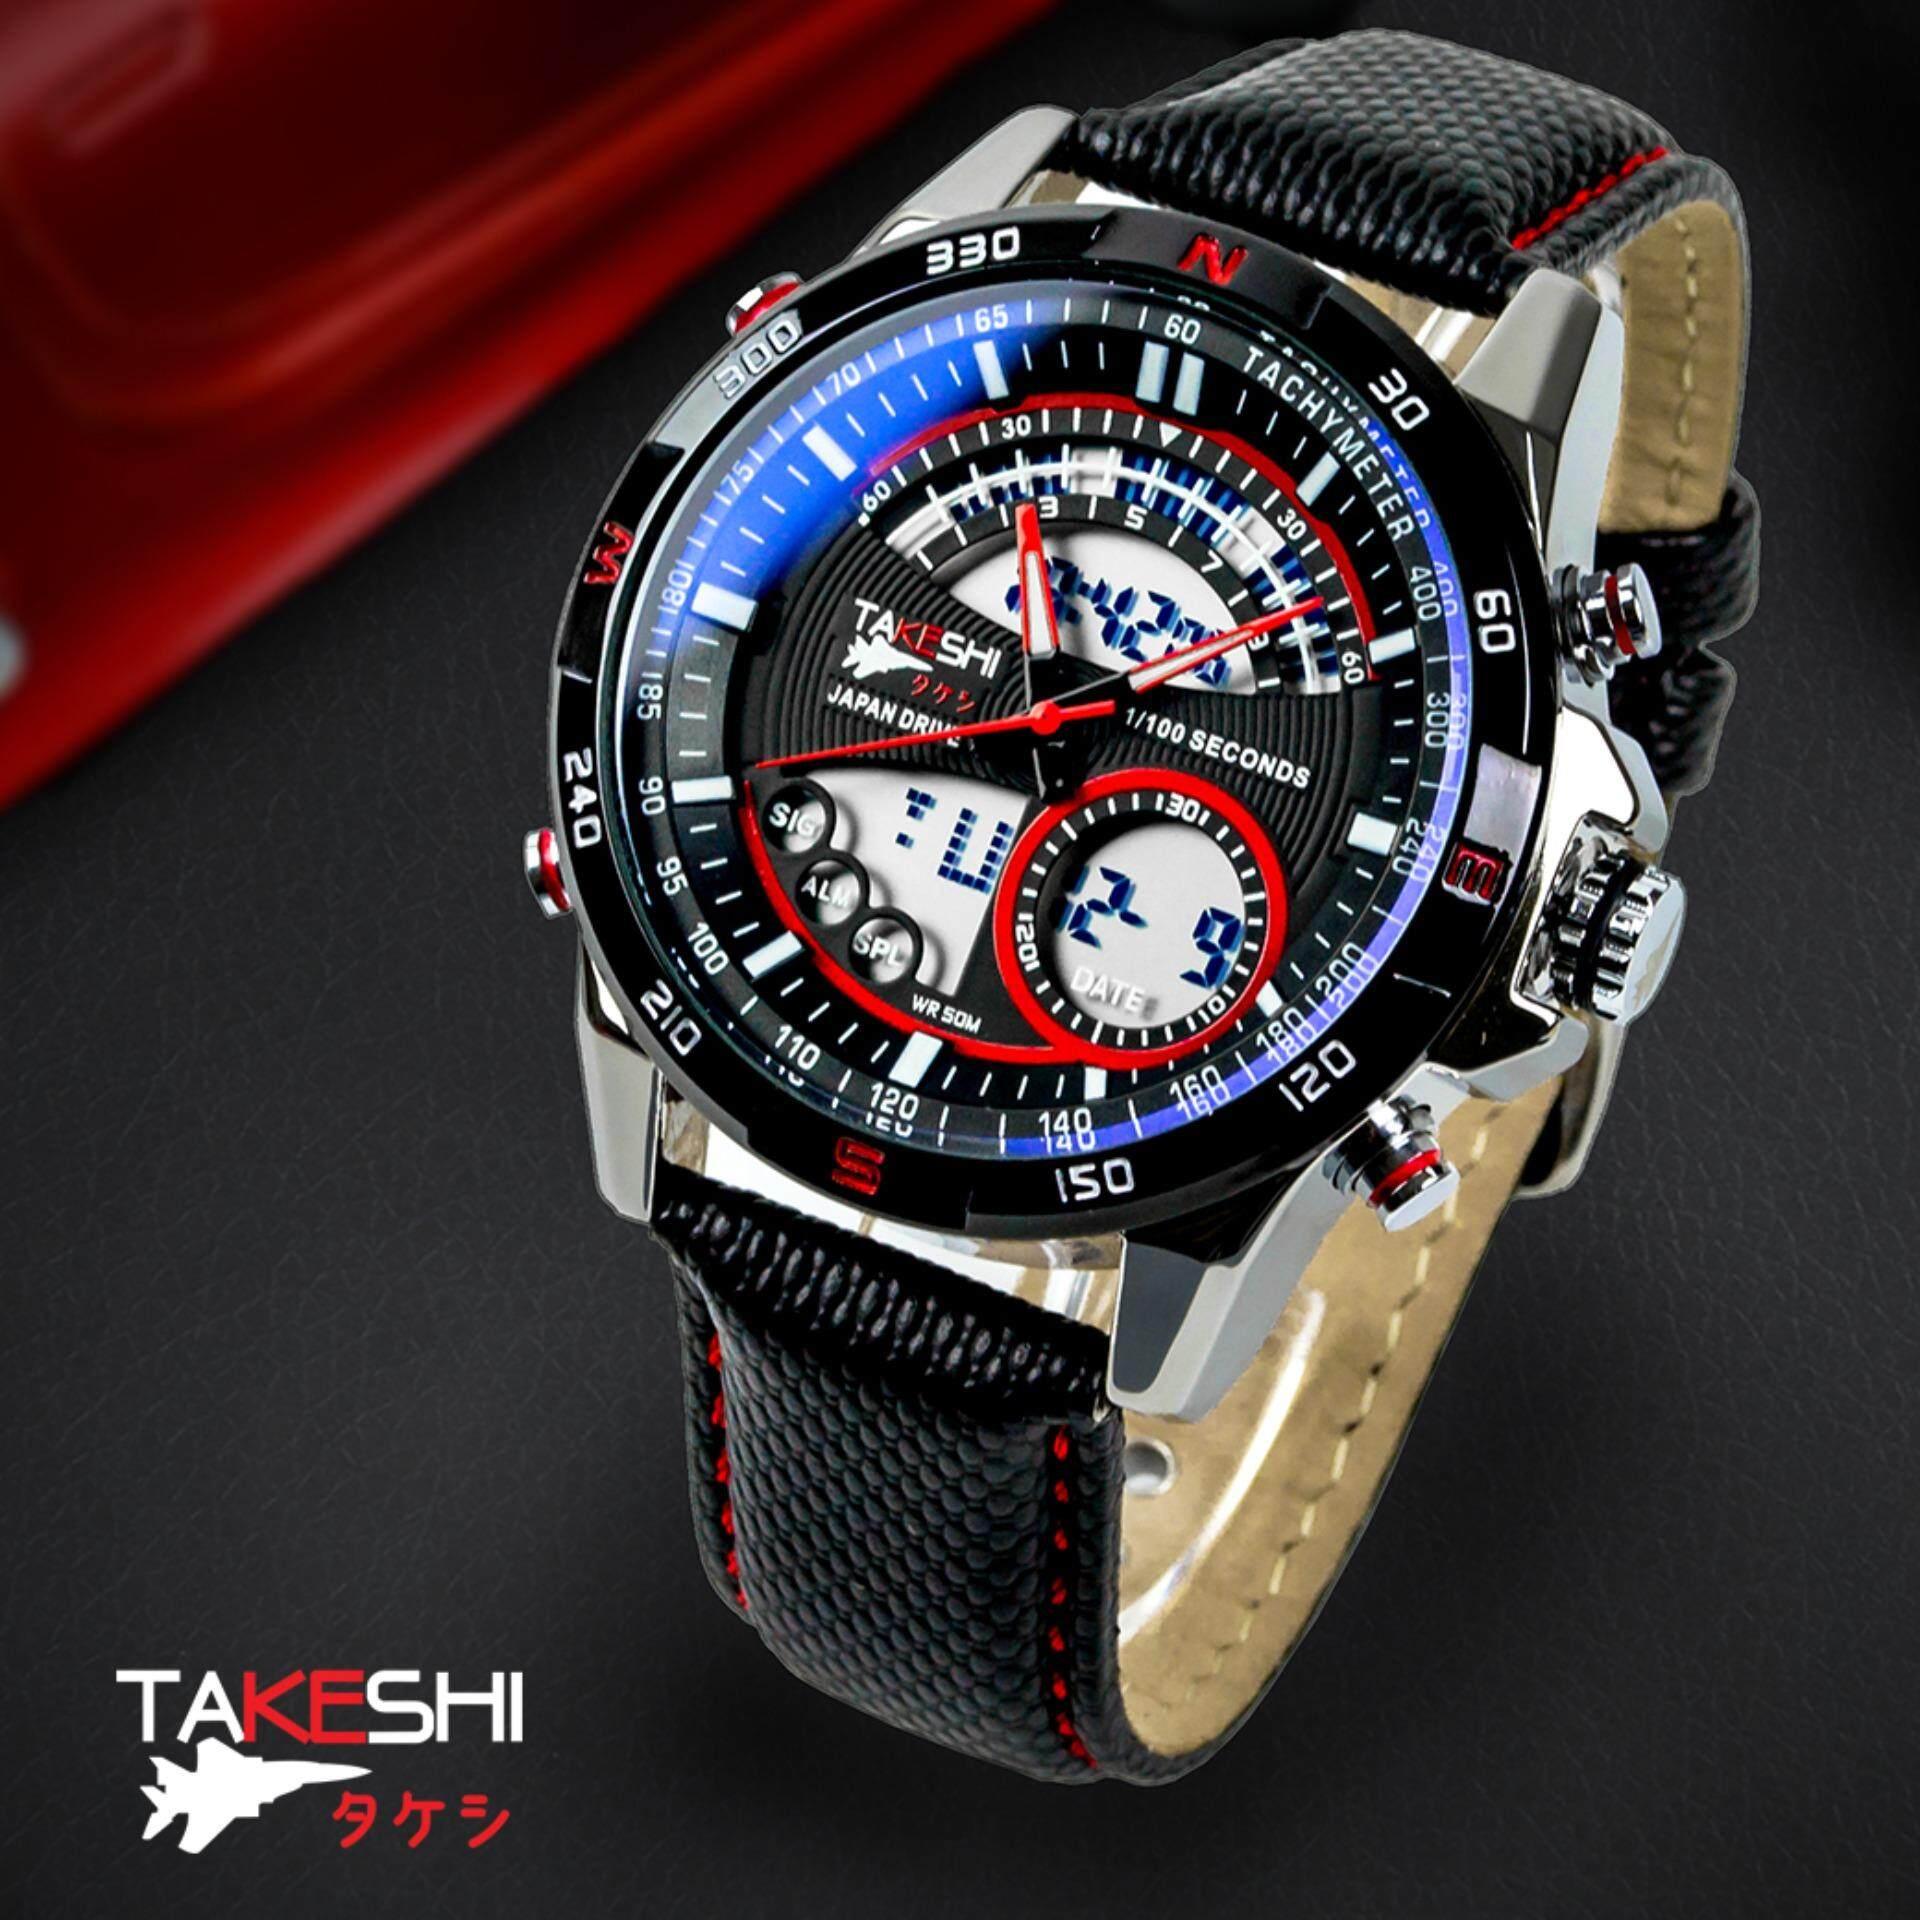 ขาย นาฬิกาข้อมือชาย เครื่องญี่ปุ่น แฟชั่น สปอร์ต เท่ Takeshi Motor Sport Tk05R Chronometer Watch Takeshi เป็นต้นฉบับ